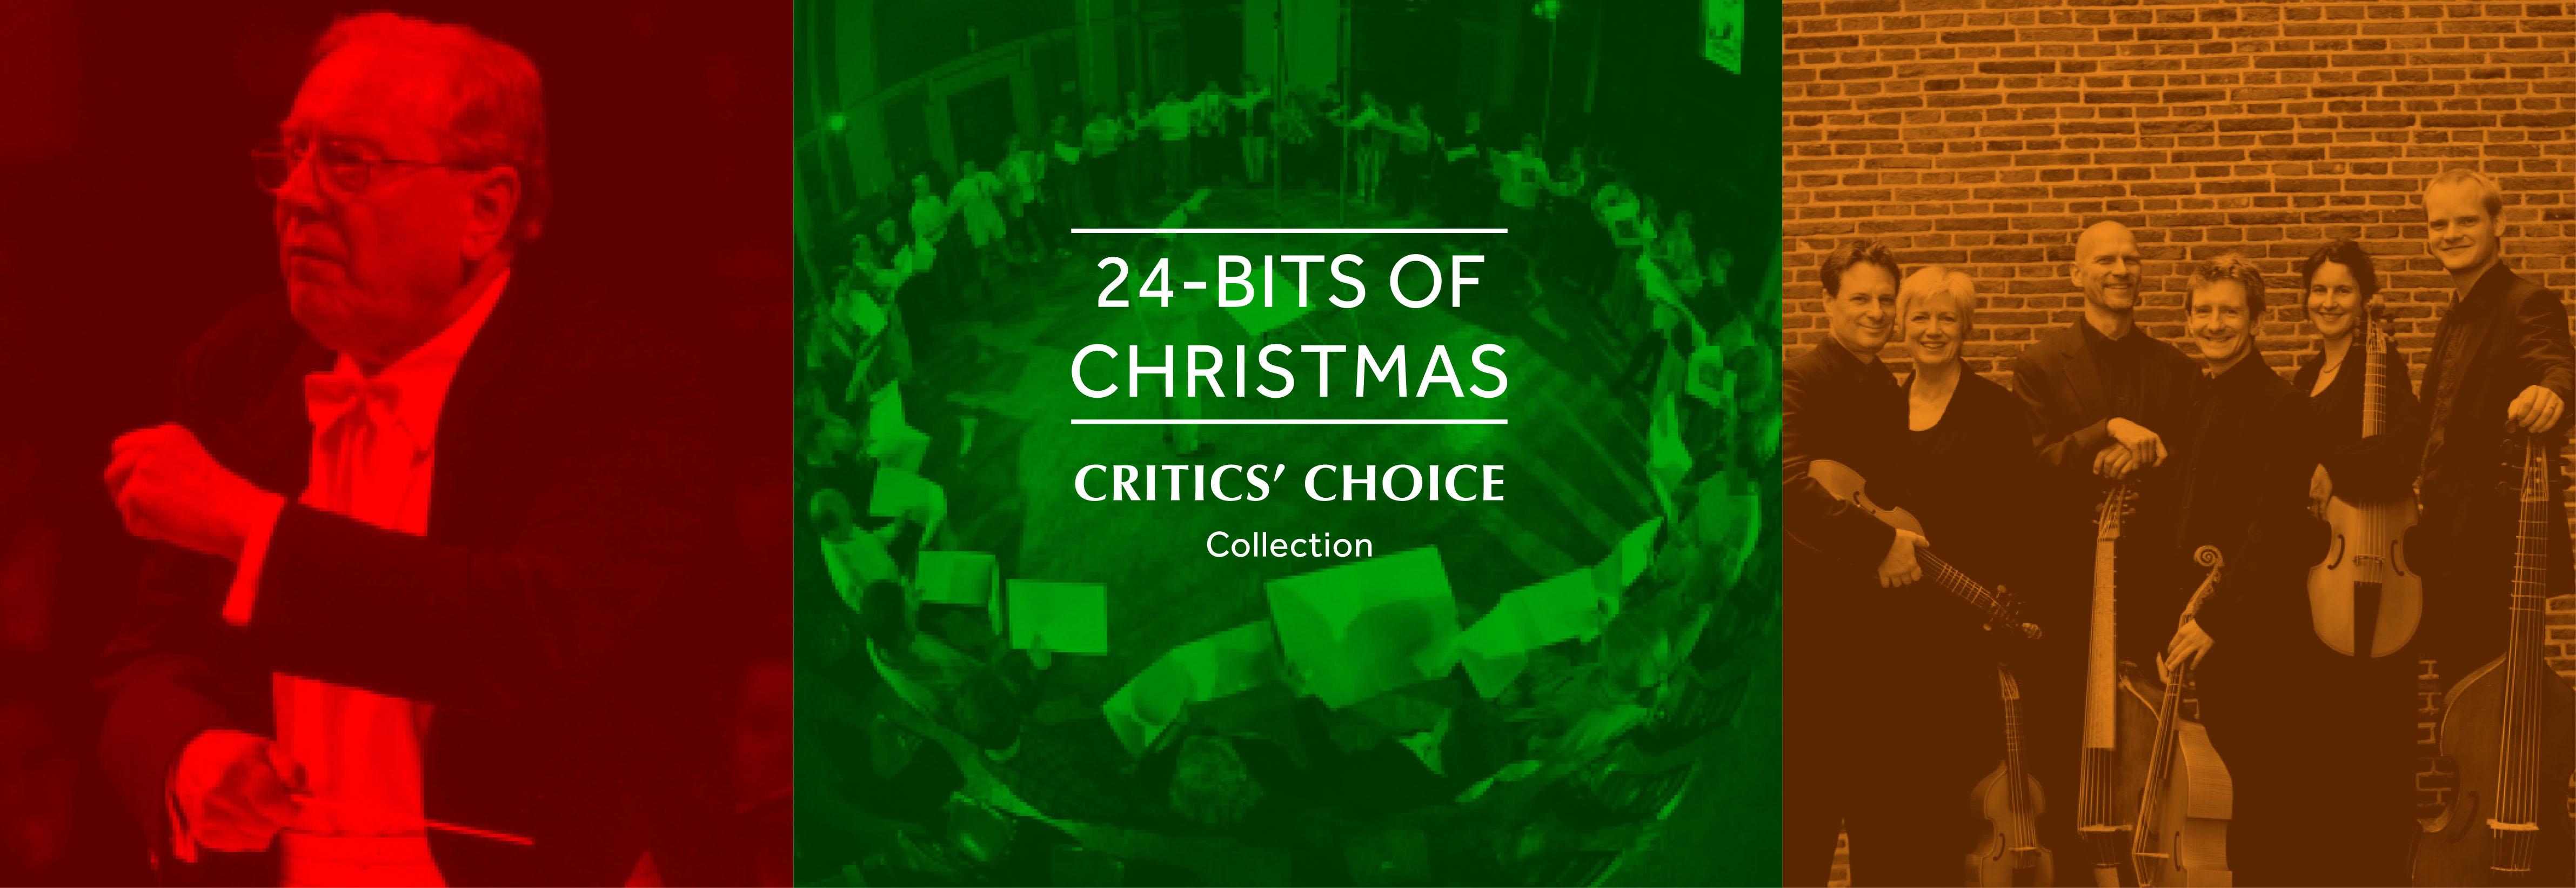 今年もLINNから無料ハイレゾ音源のクリスマスプレゼント